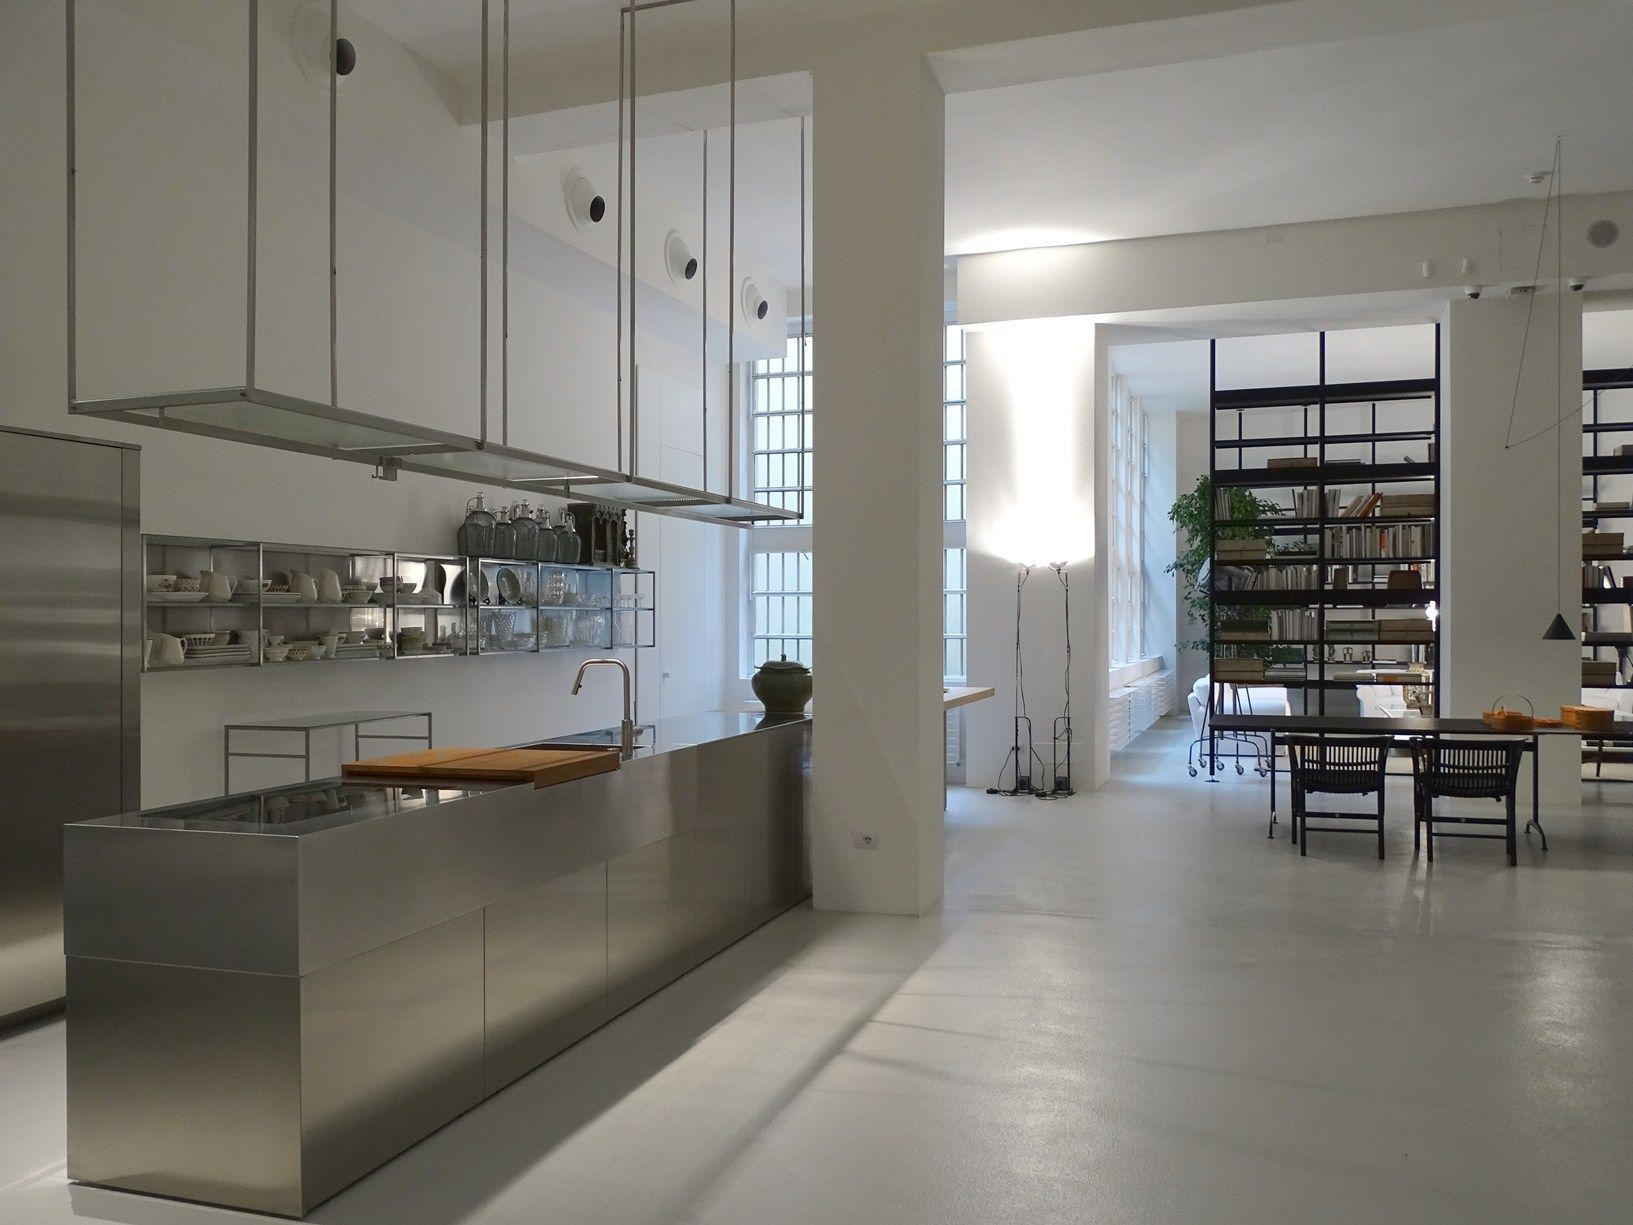 Negozio de padova in via santa cecilia milano int gallery interior kitchen - Studio interior design milano ...